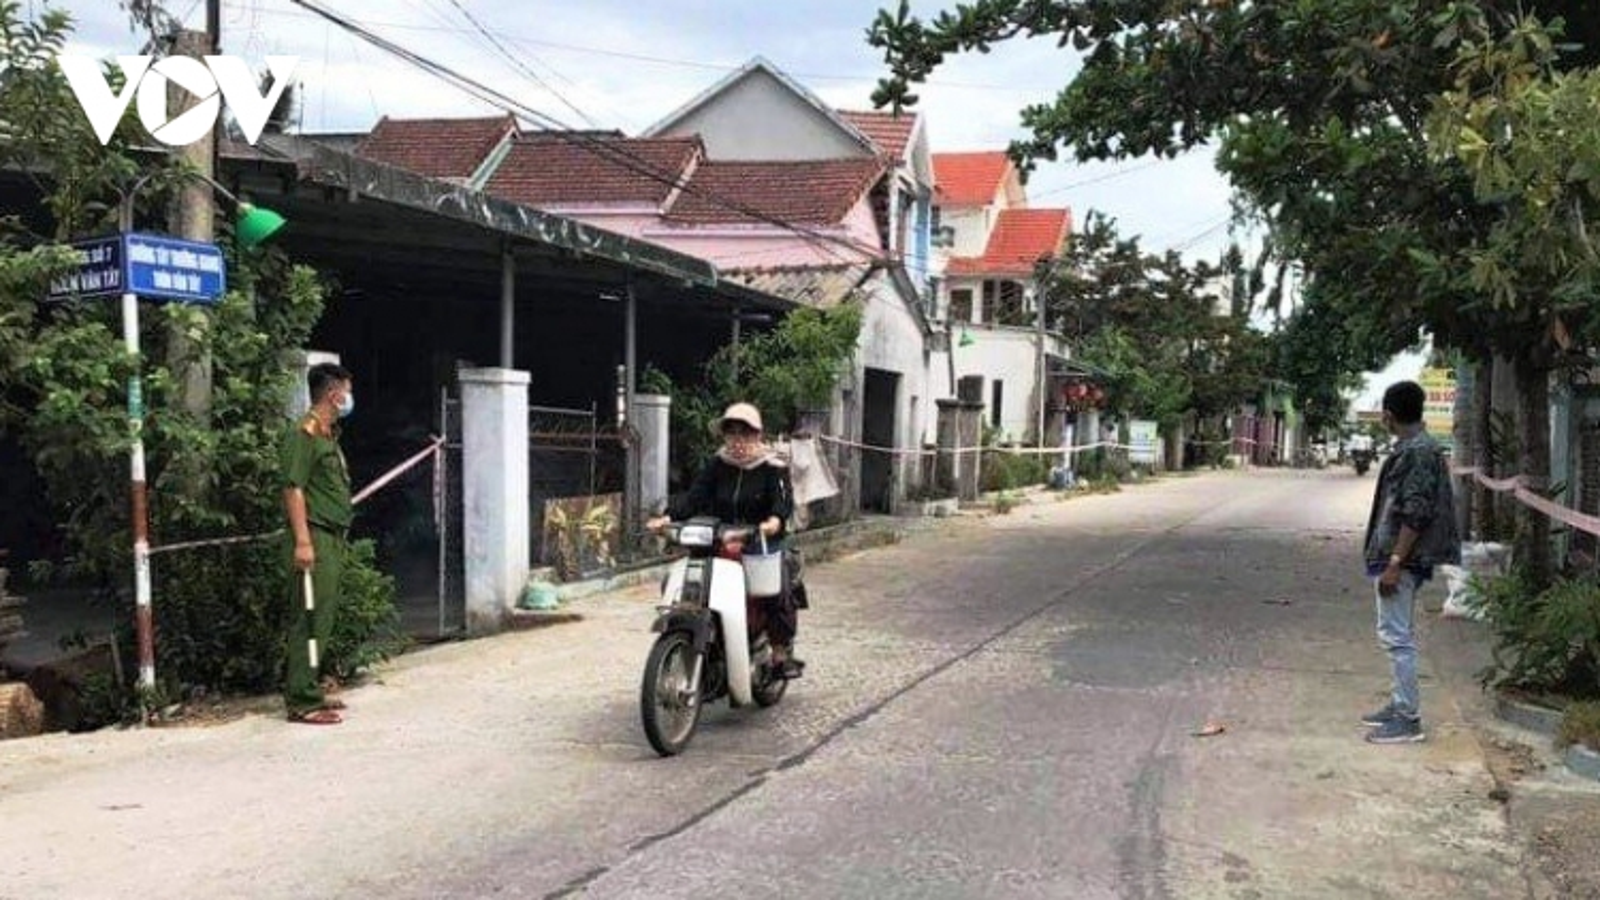 Phong tỏa 2 thôn ở huyện Thăng Bình,Quảng Namkhi phát hiện 2 ca dương tính